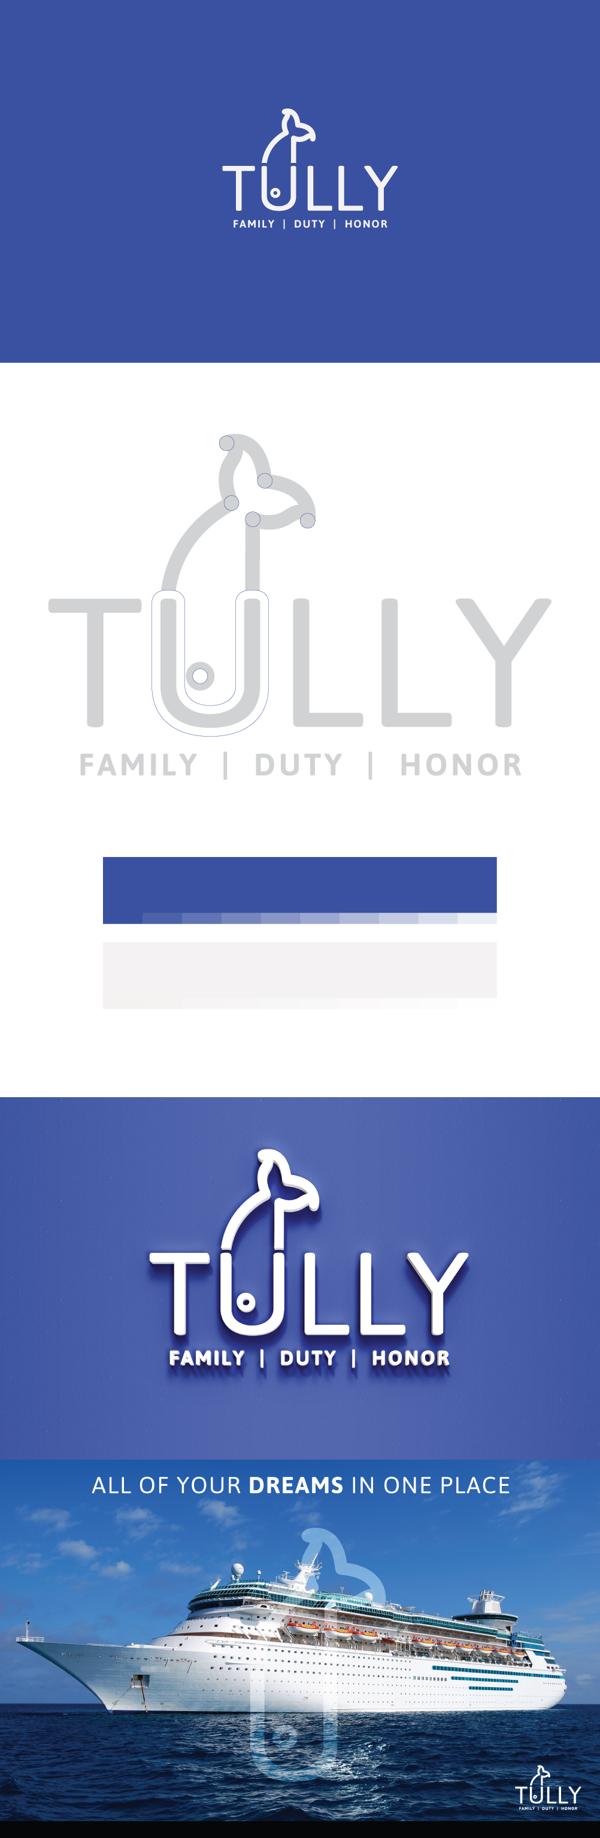 tully-got-journaldesaintbarth